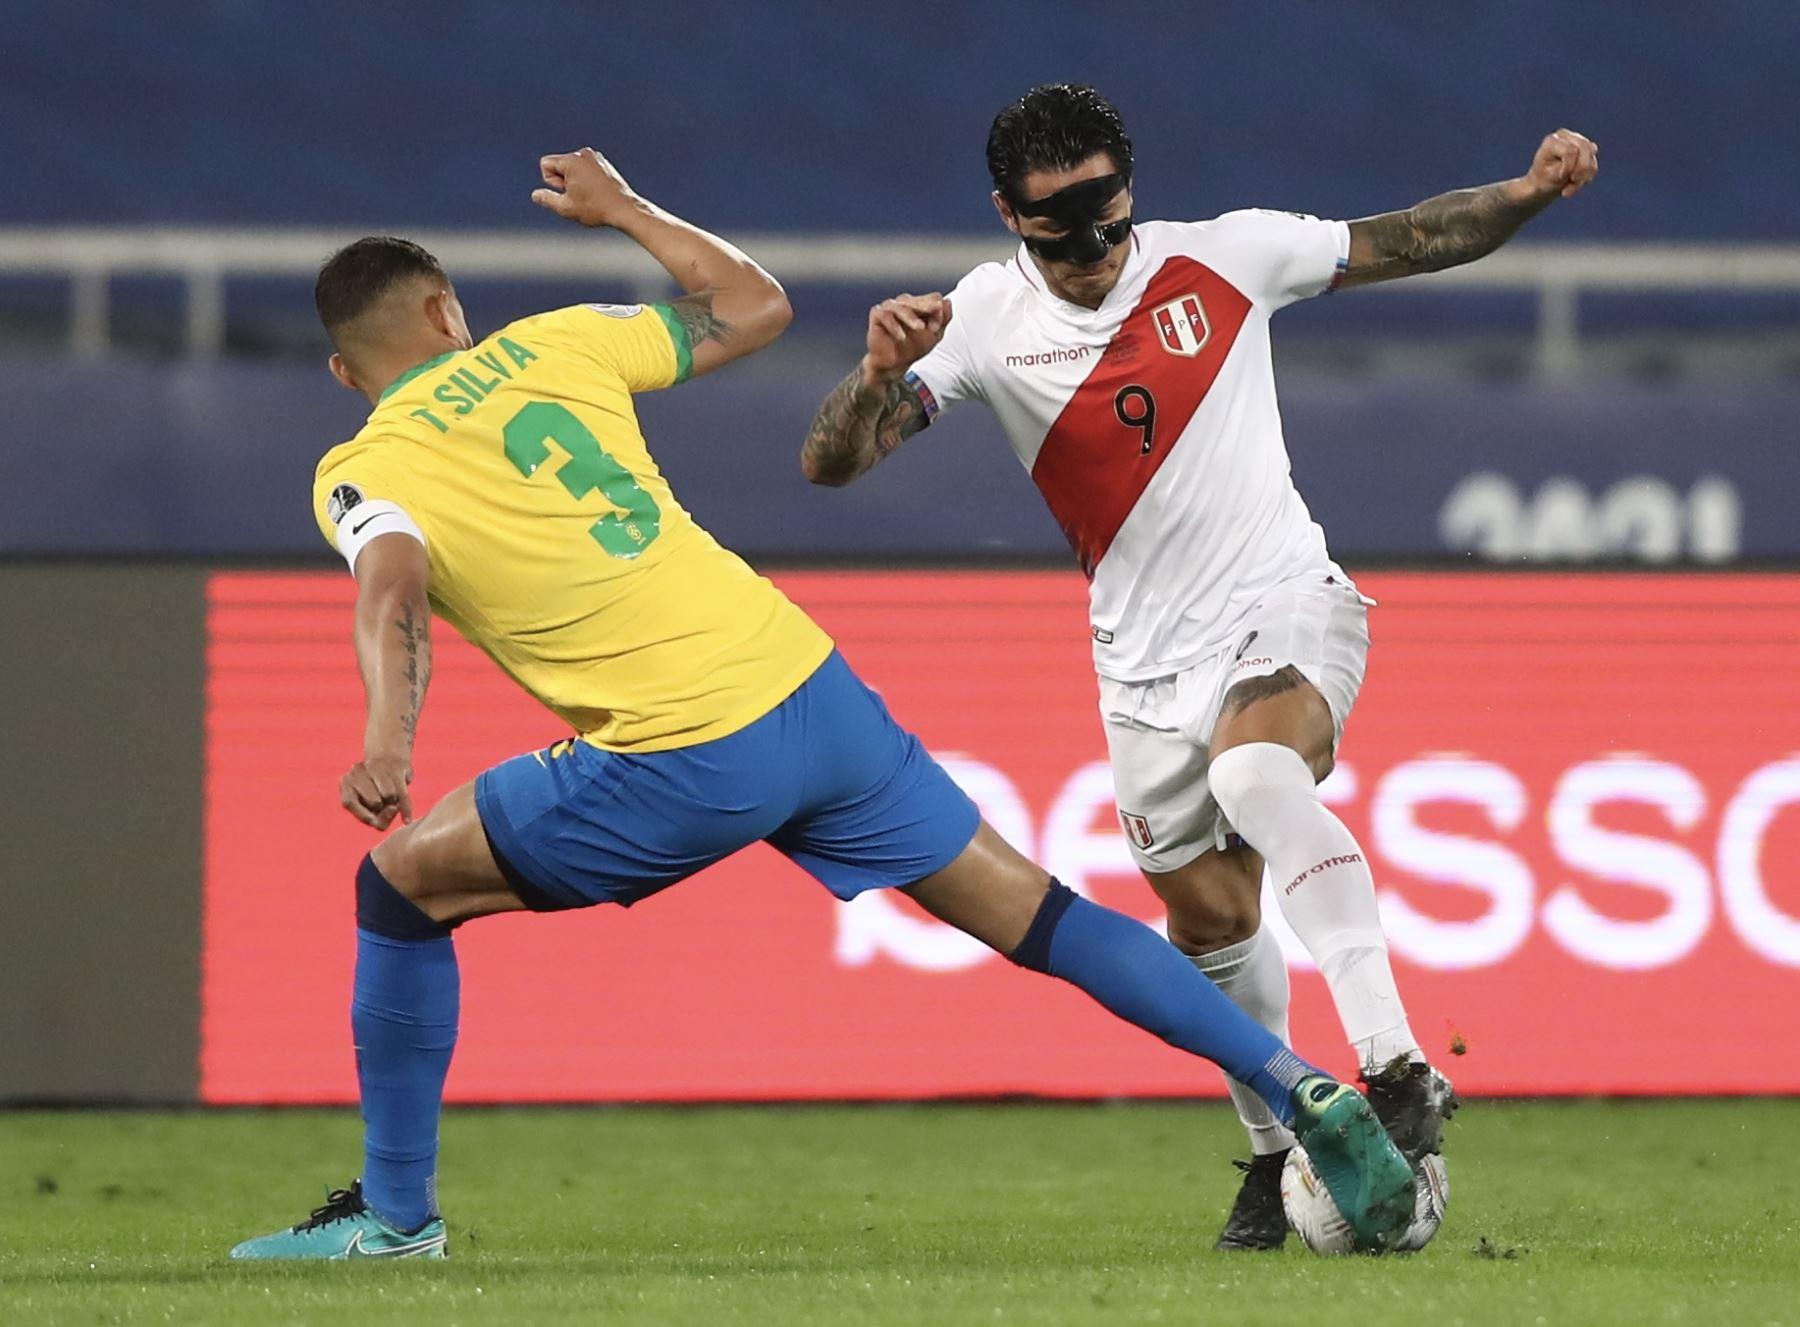 Selección peruana está fortalecida y ahora buscará llegar al Mundial Catar 2022